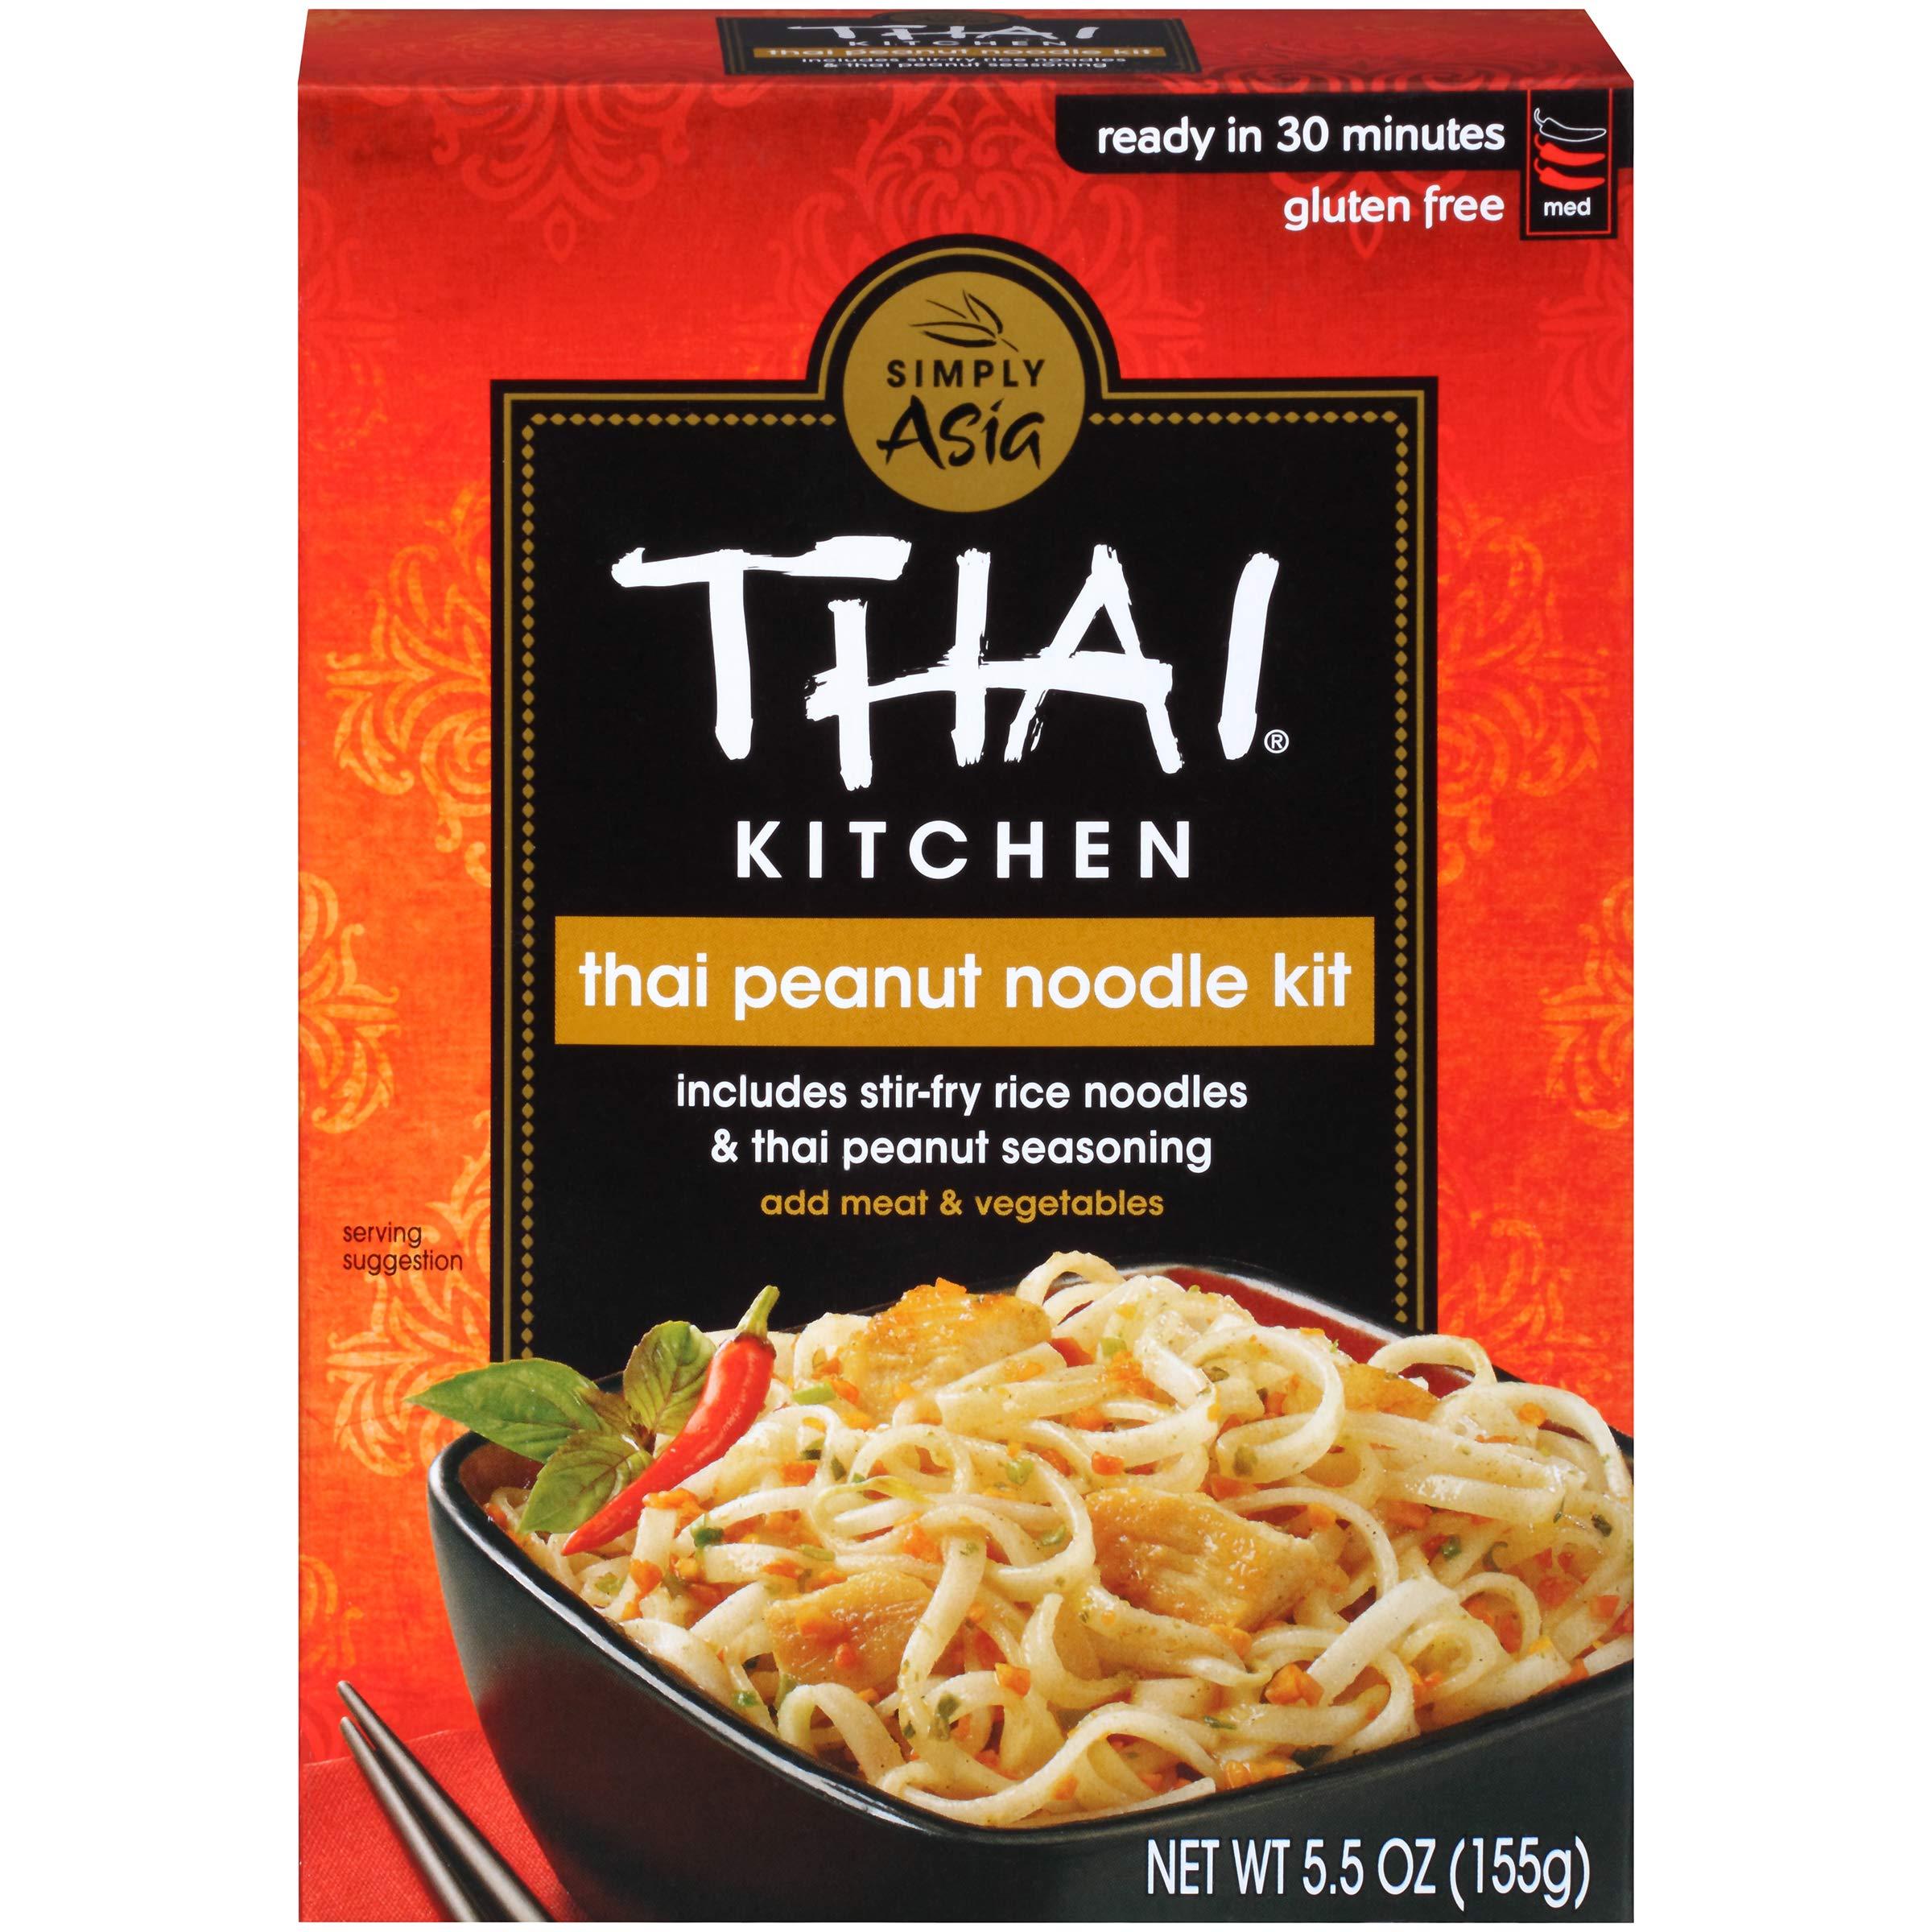 Amazon.com : Thai Kitchen Gluten Free Pad Thai Noodle Kit